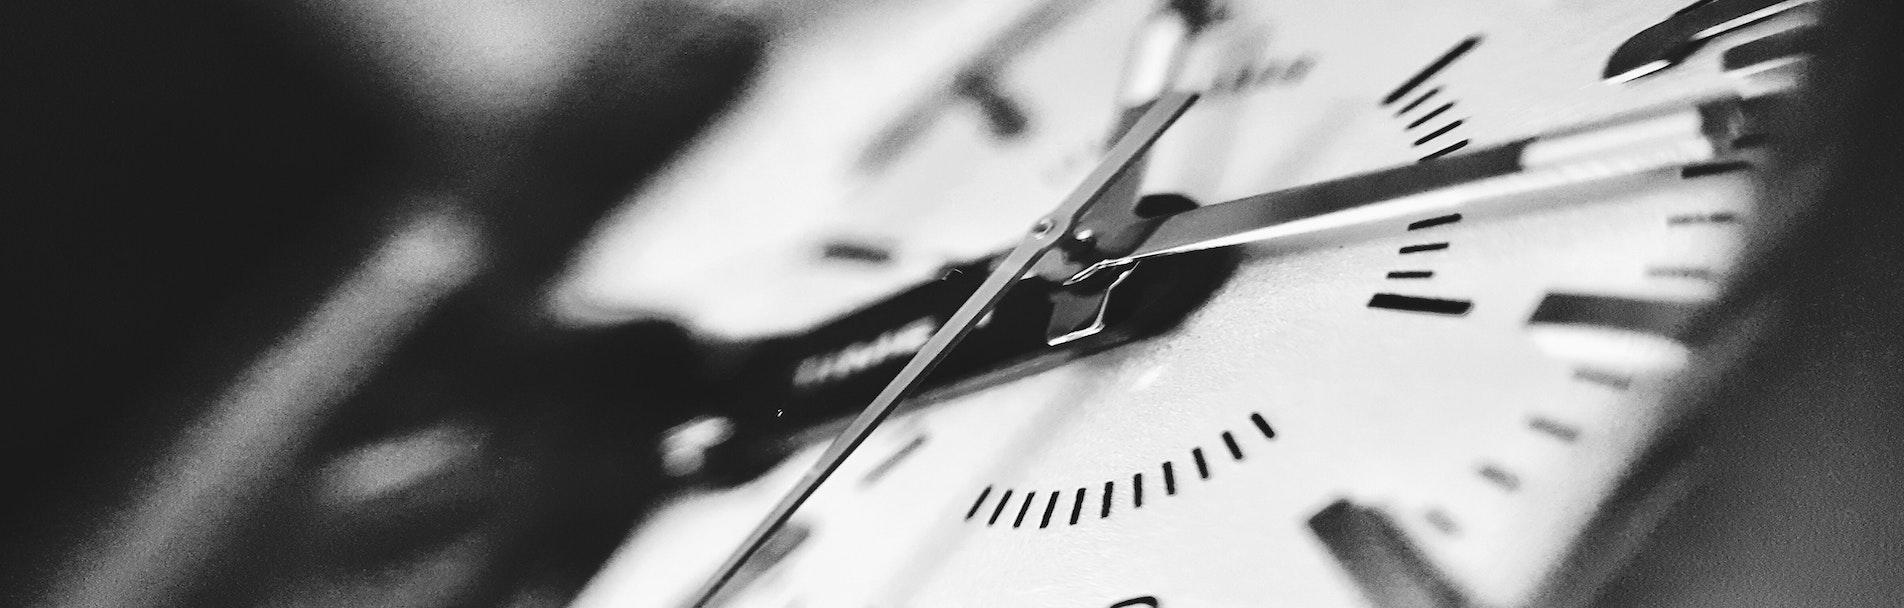 Der Kundenbrief zum Hören_Schwarze Uhr_01_Cover